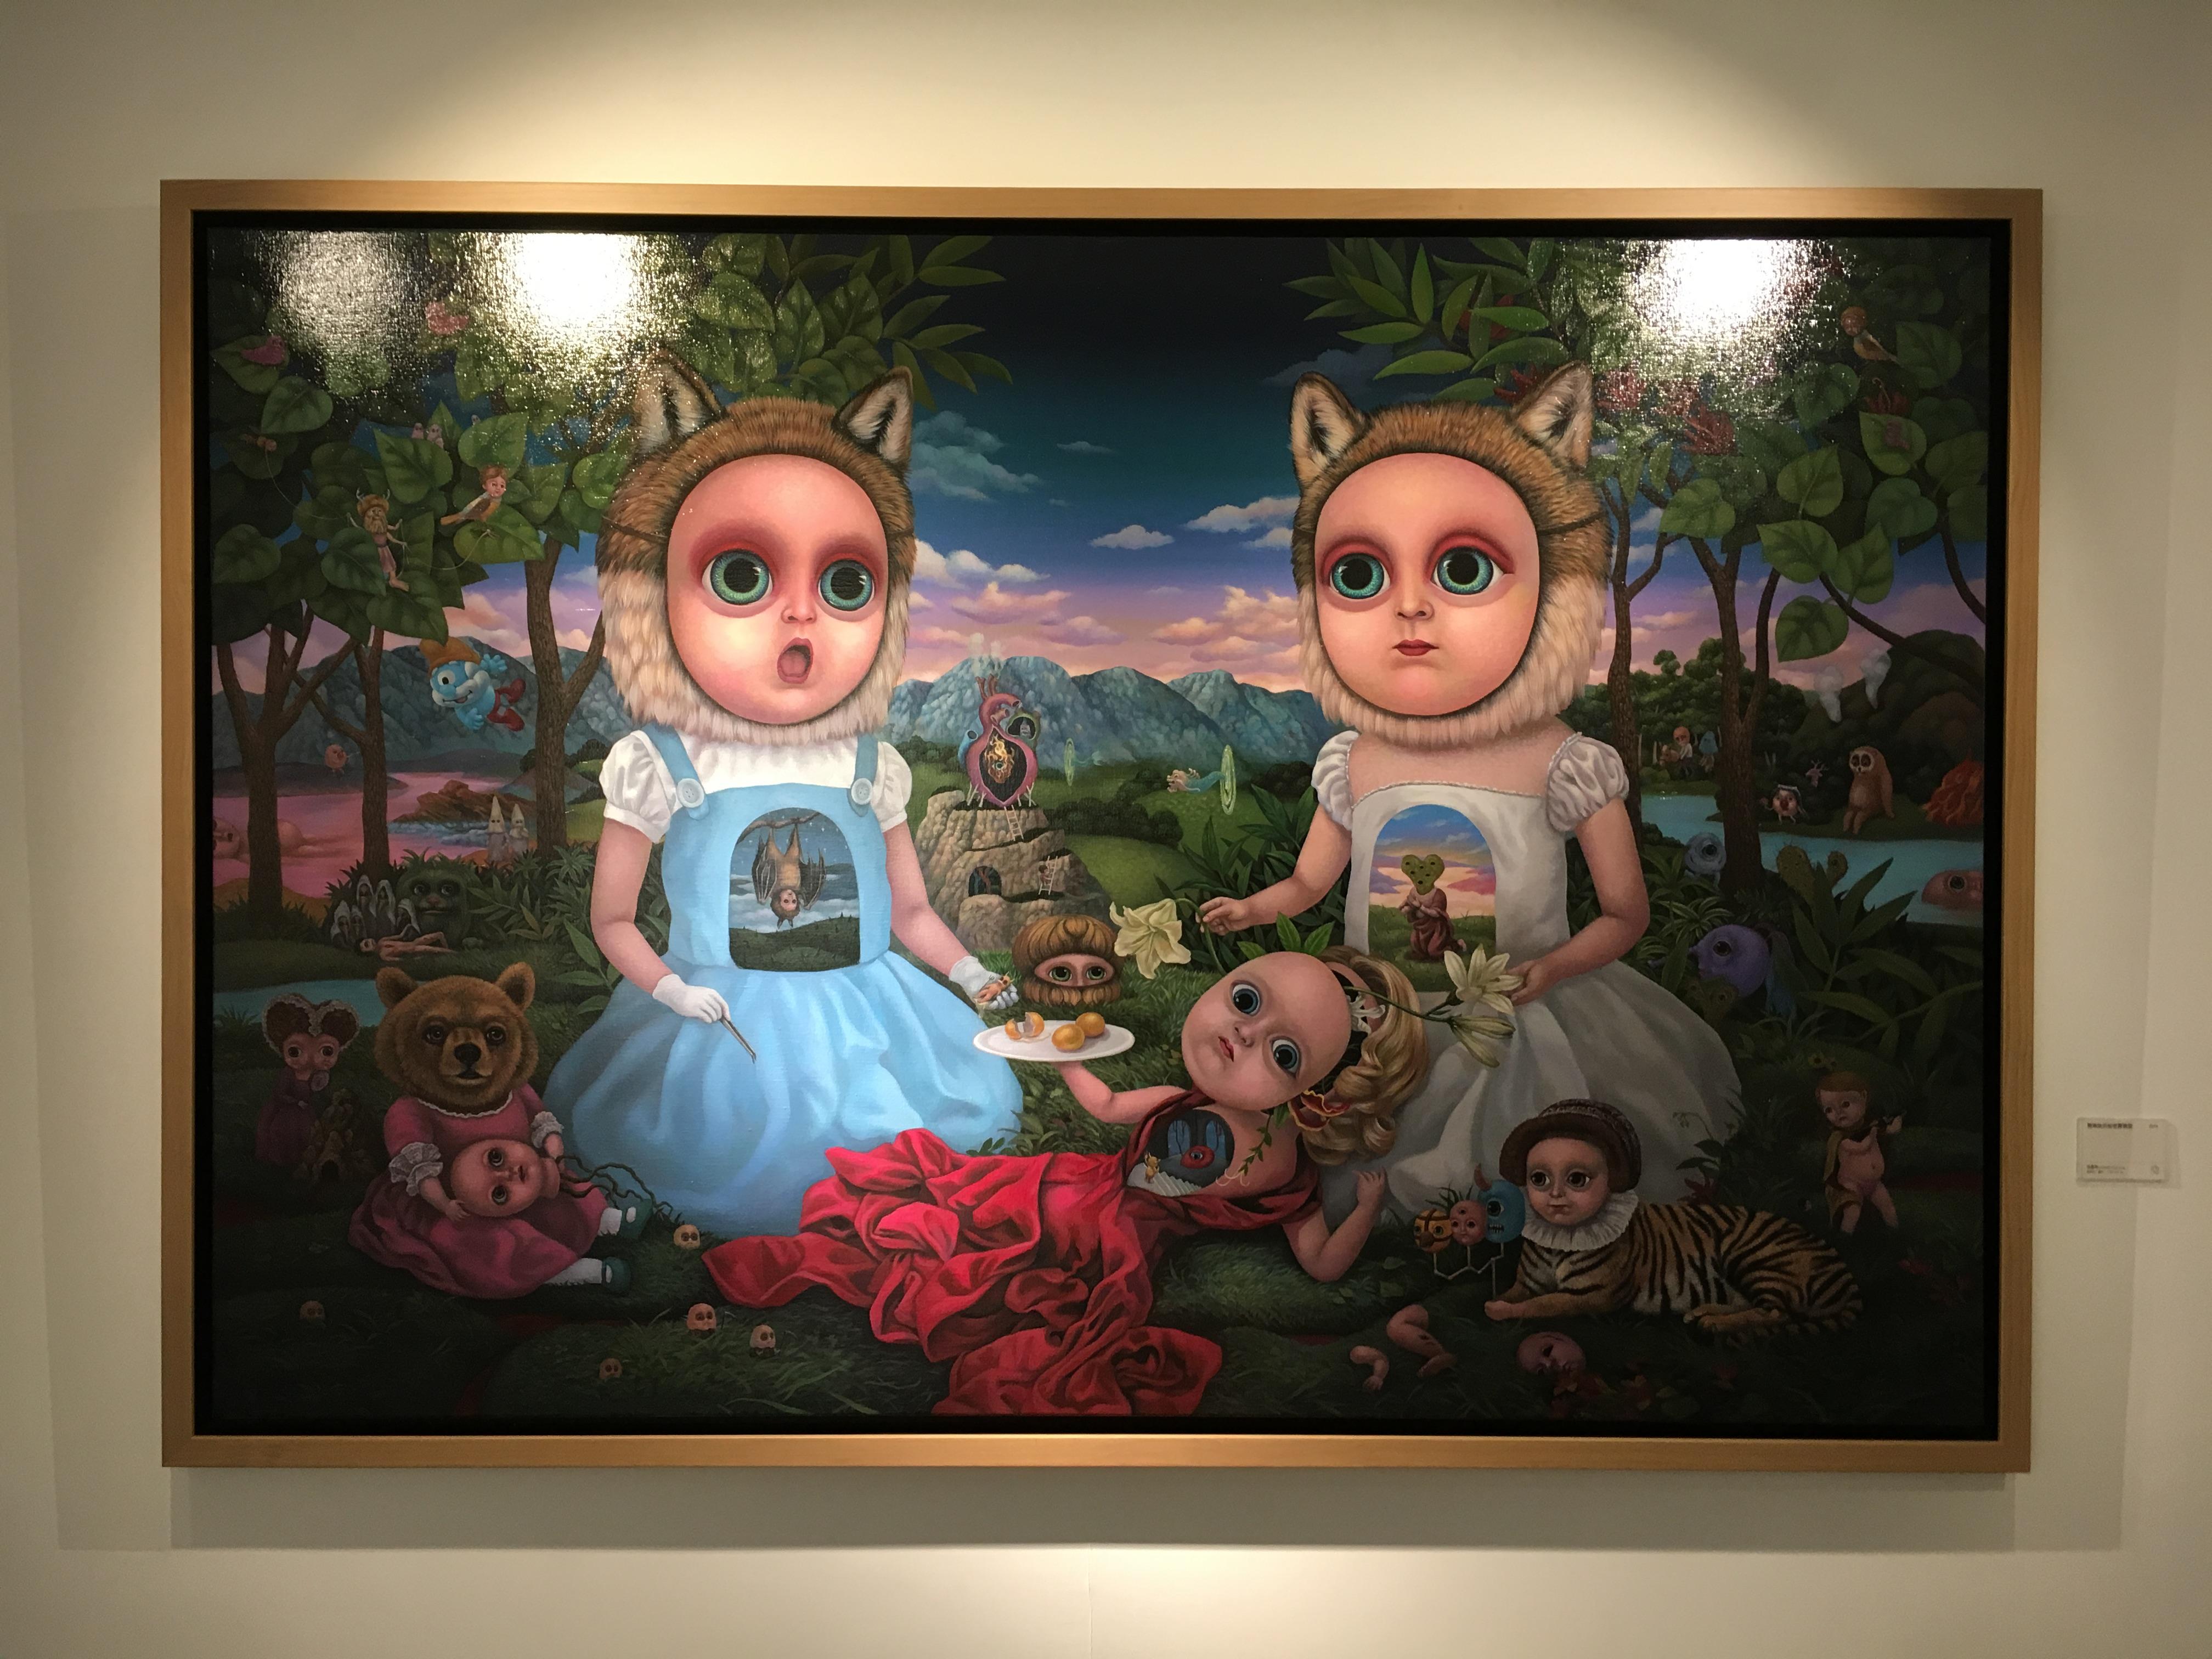 張嘉穎,《雙胞胎的秘密實驗室》,130 x 194 cm,壓克力、畫布,2016。